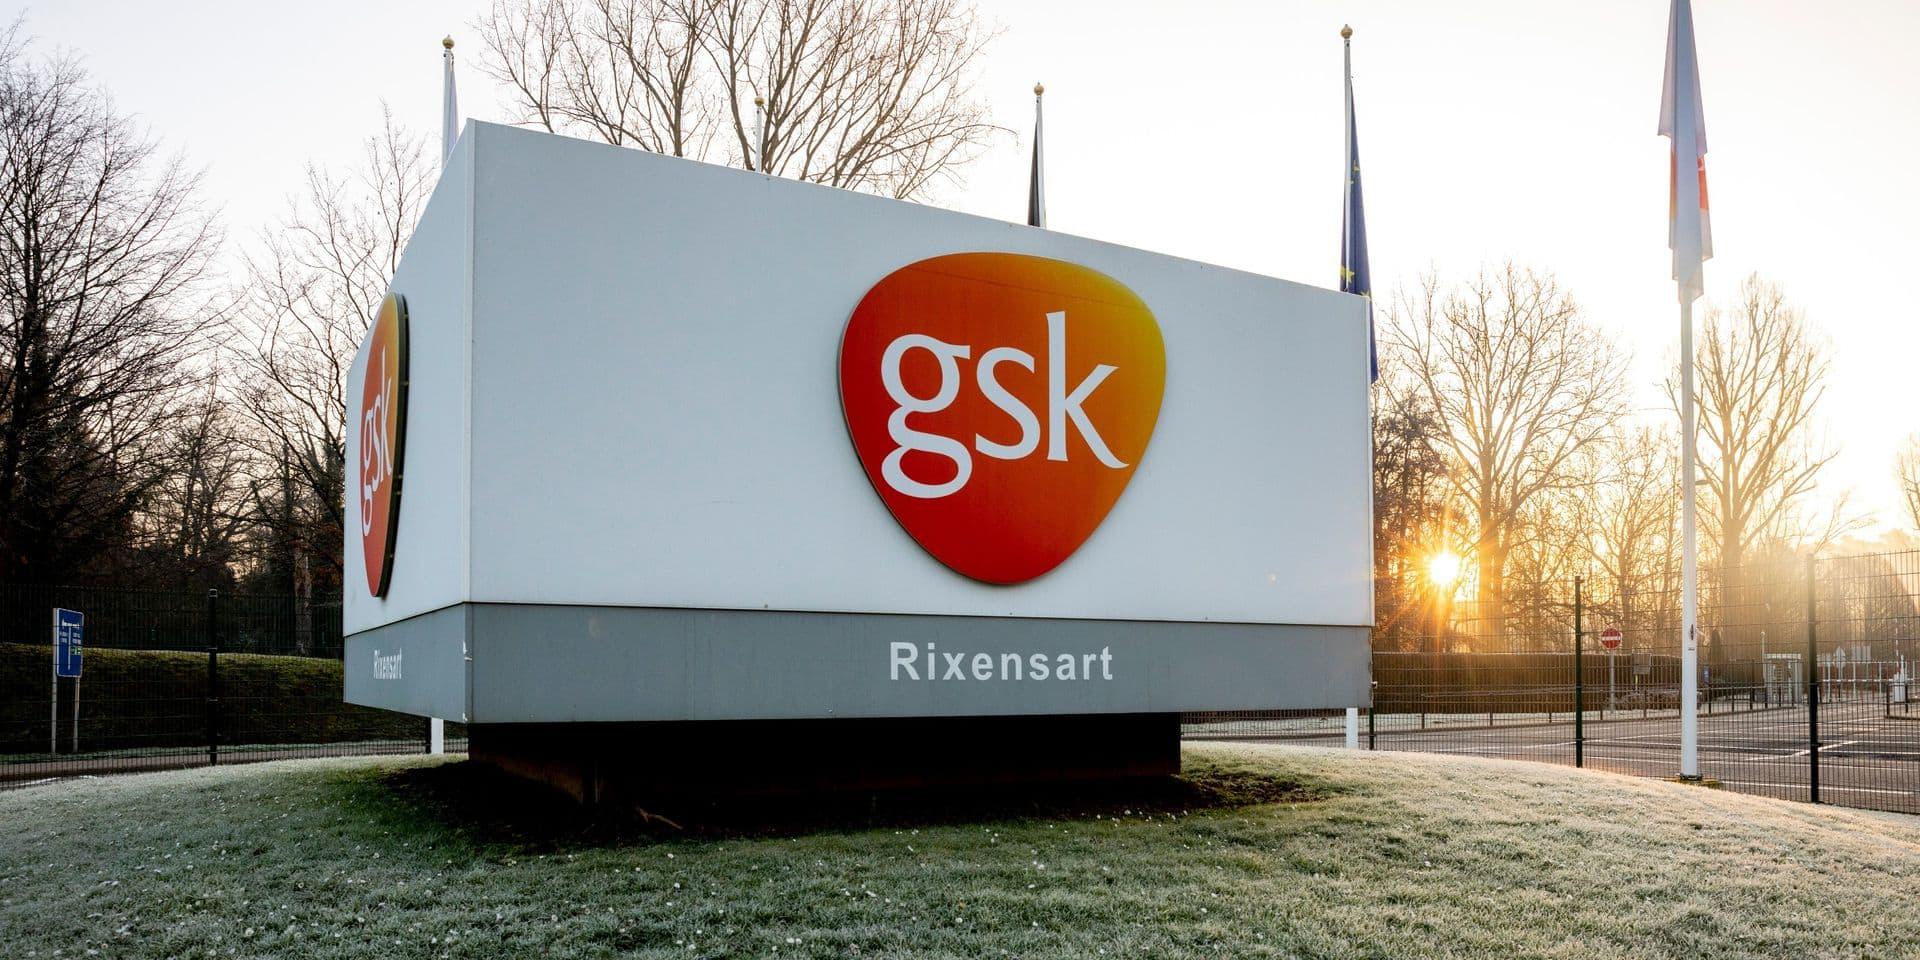 Restructuration chez GSK: les cadres ne se sont pas précipités sur les possibilités de départ volontaire